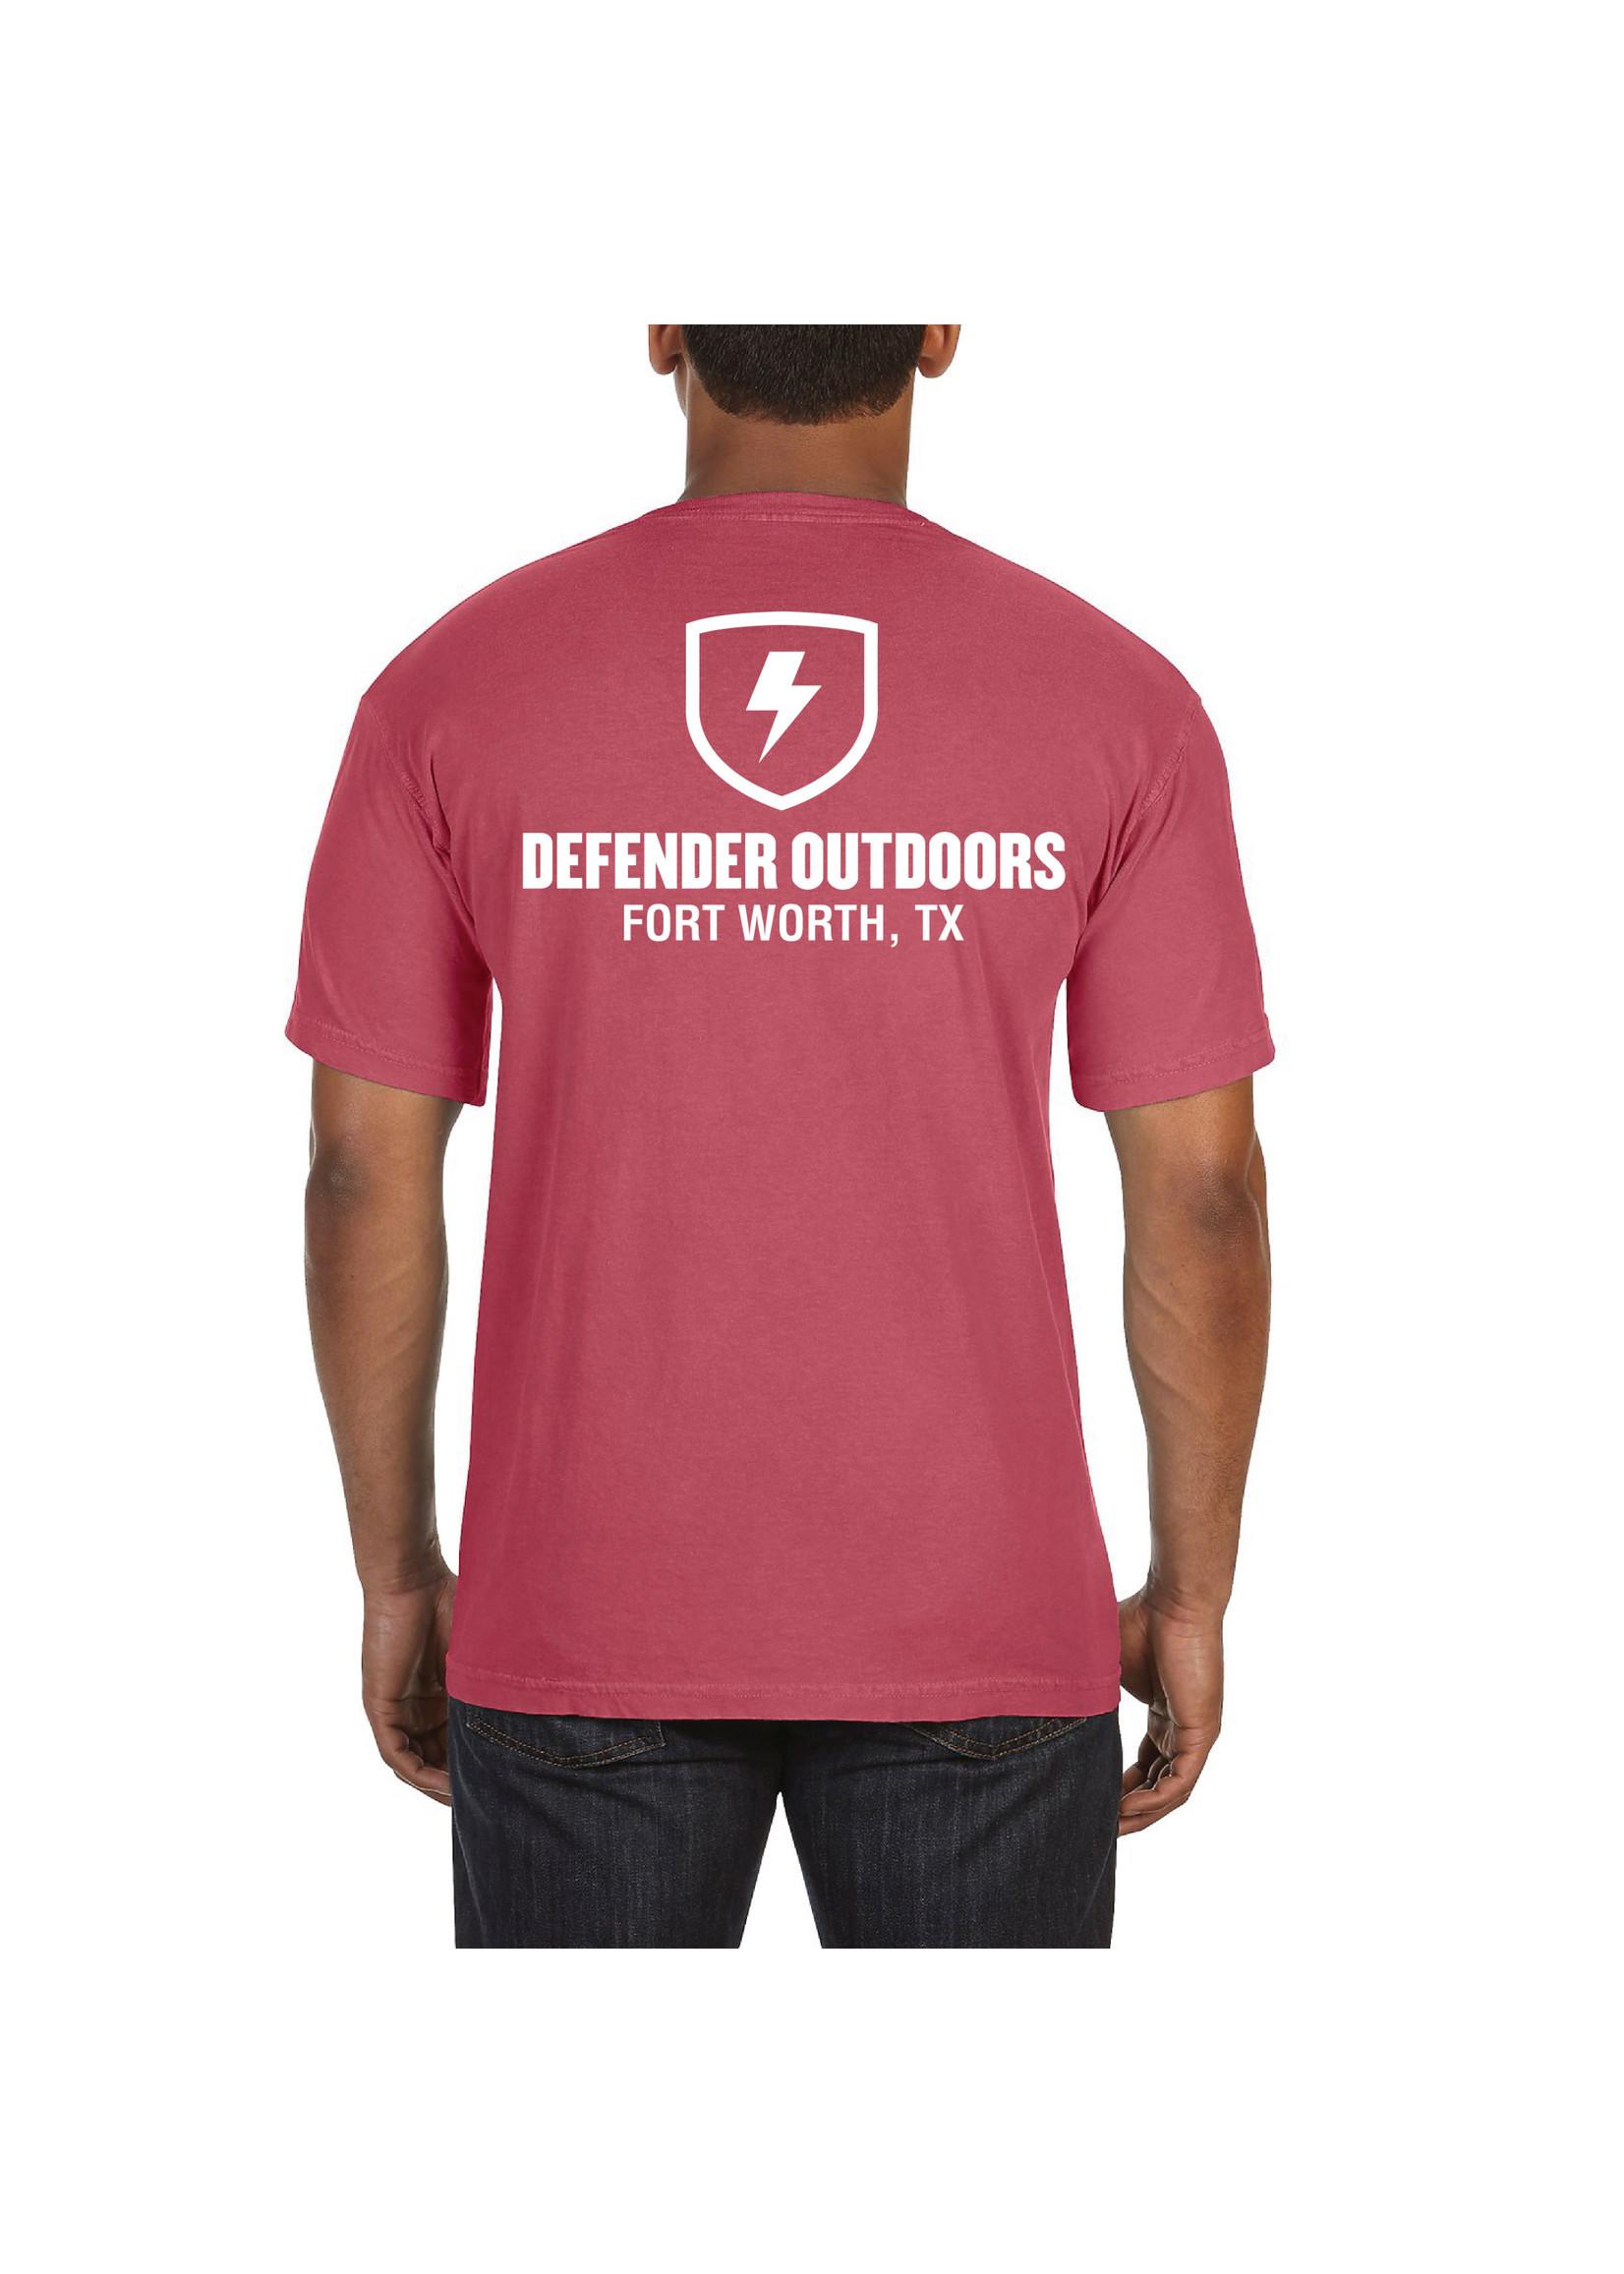 Defender Outdoors Fort Worth Pocket T-Shirt